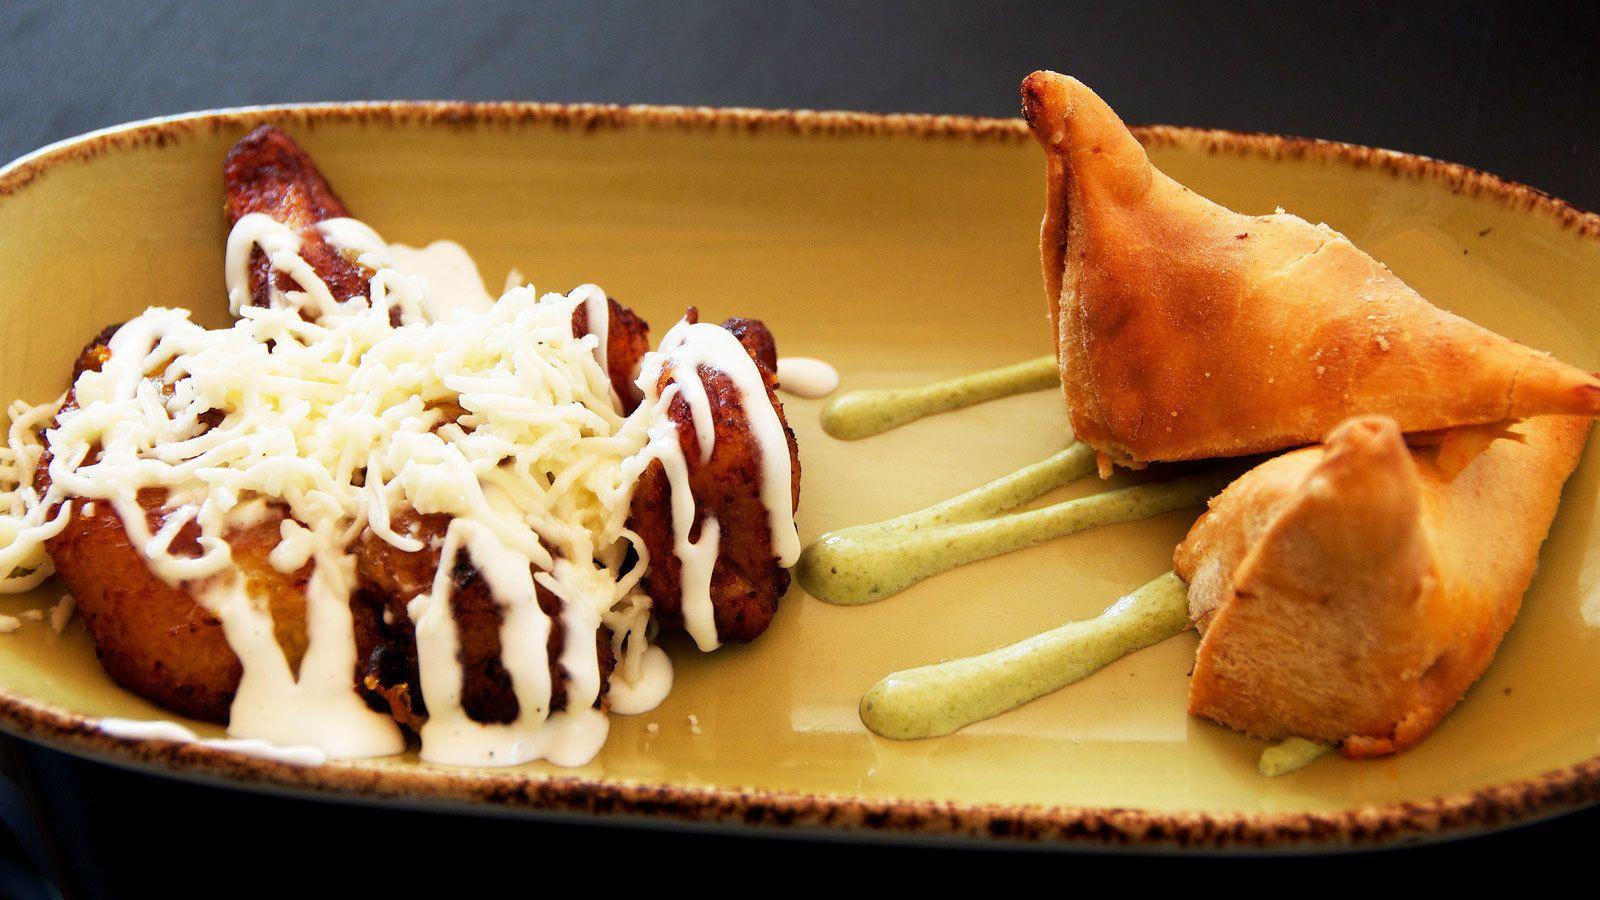 Small culinary dish in Miami